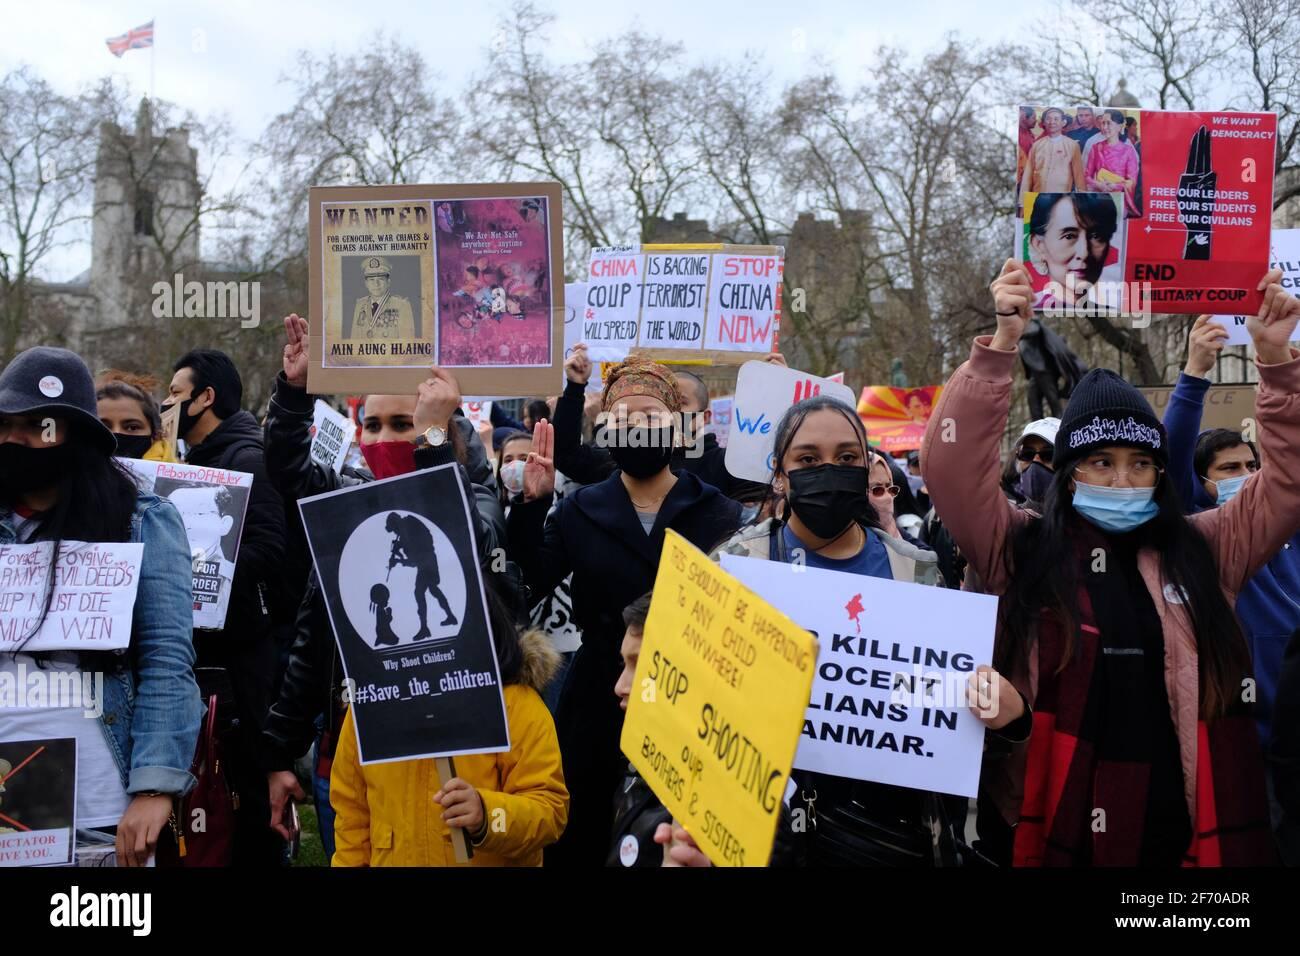 LONDRES - 3rd DE ABRIL de 2021: Manifestantes en la Plaza del Parlamento contra el golpe militar de China y Rusia apoyaron en Myanmar Birmania. Foto de stock